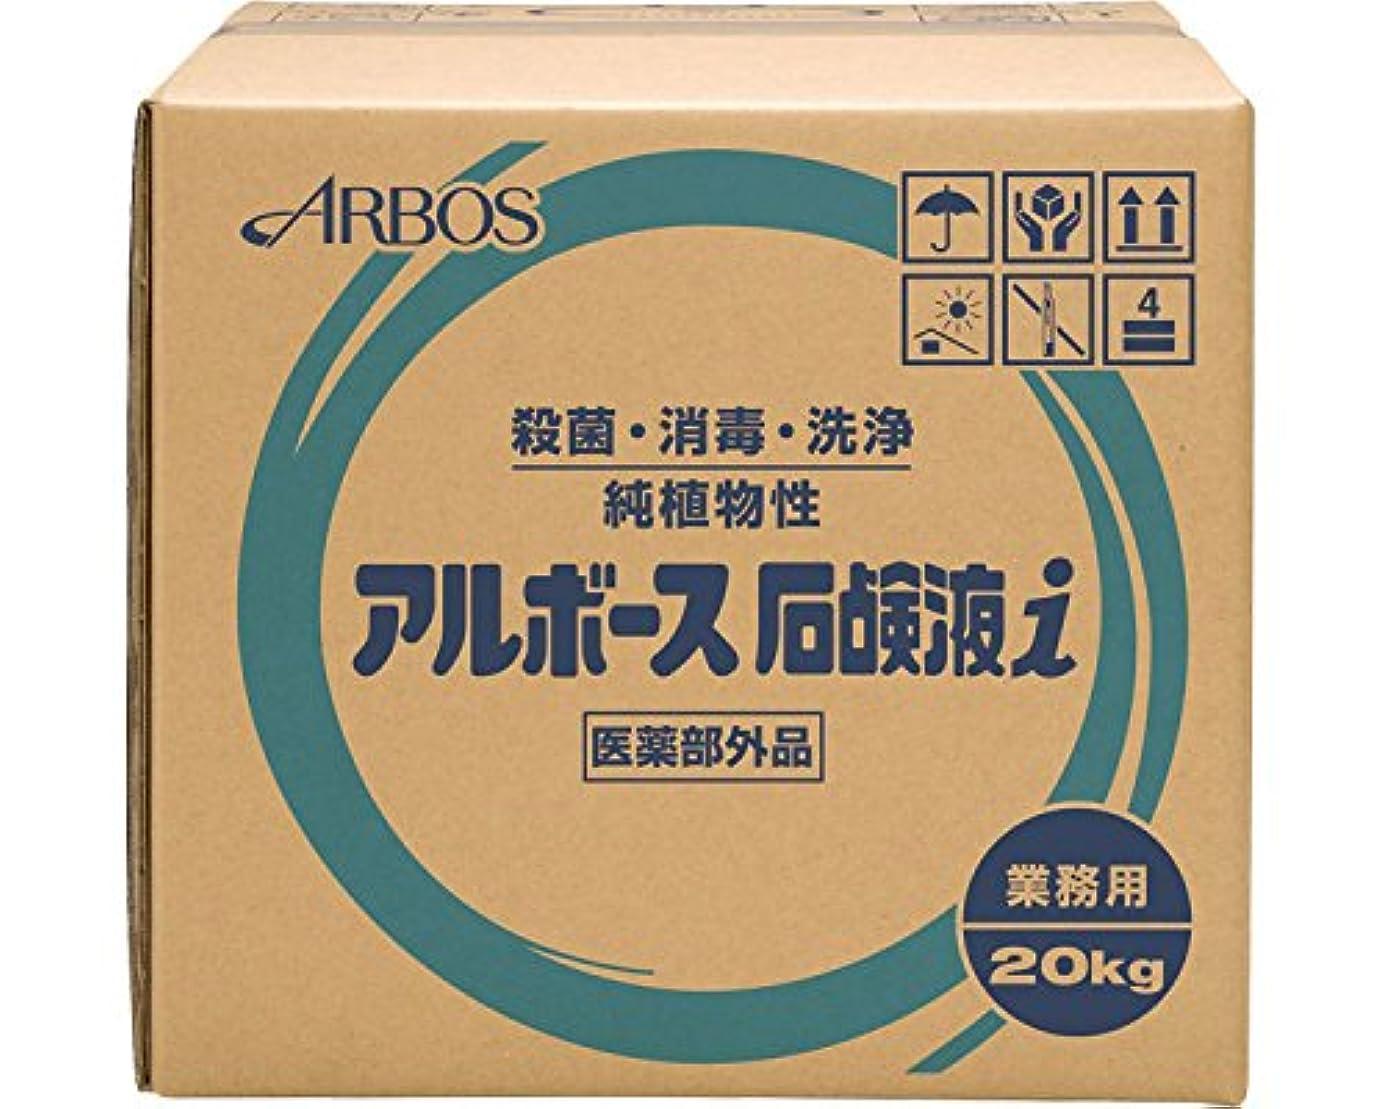 寄稿者の配列作成者アルボース石鹸液i 20kg (アルボース)